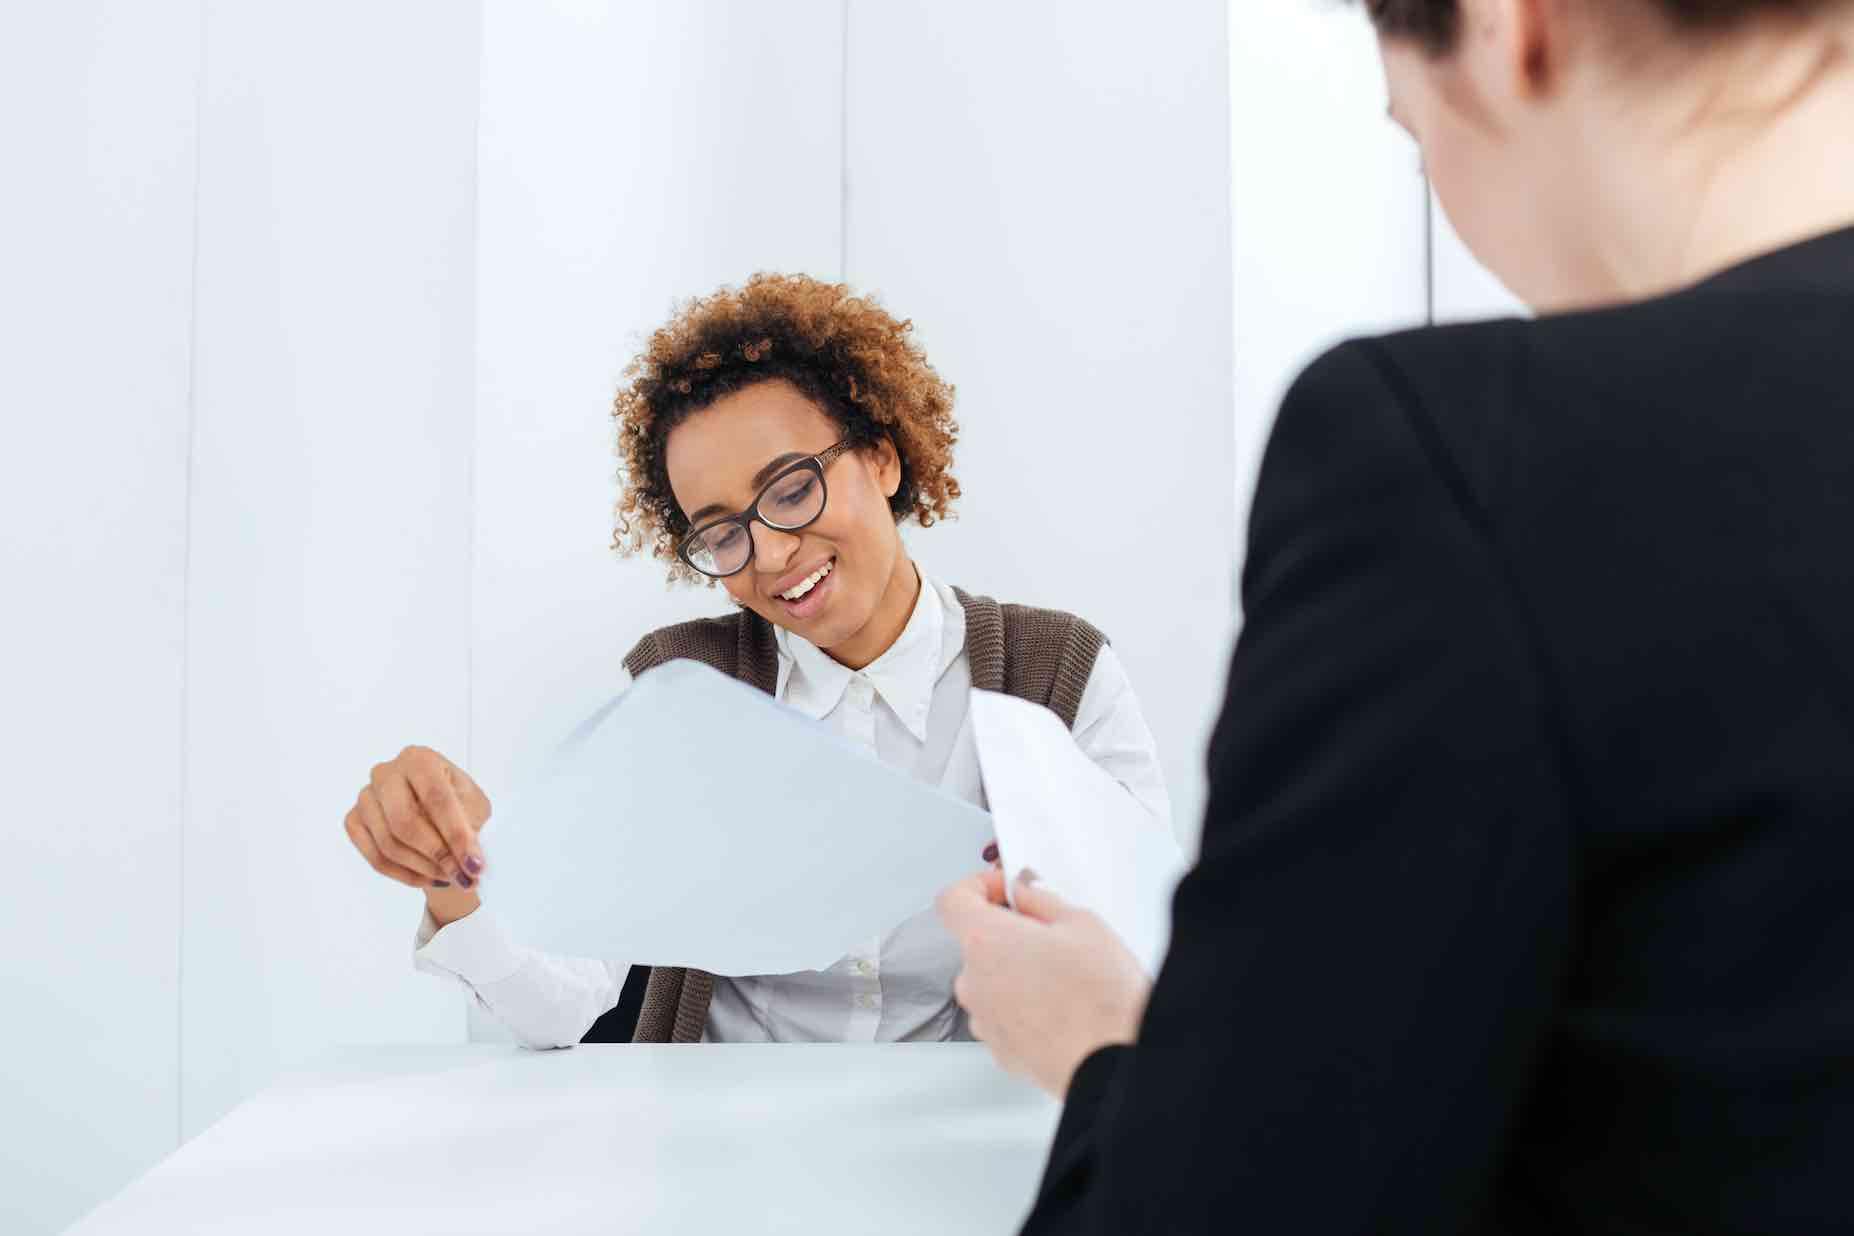 Description de Outils de recrutement : qu'en pensent les candidats ?